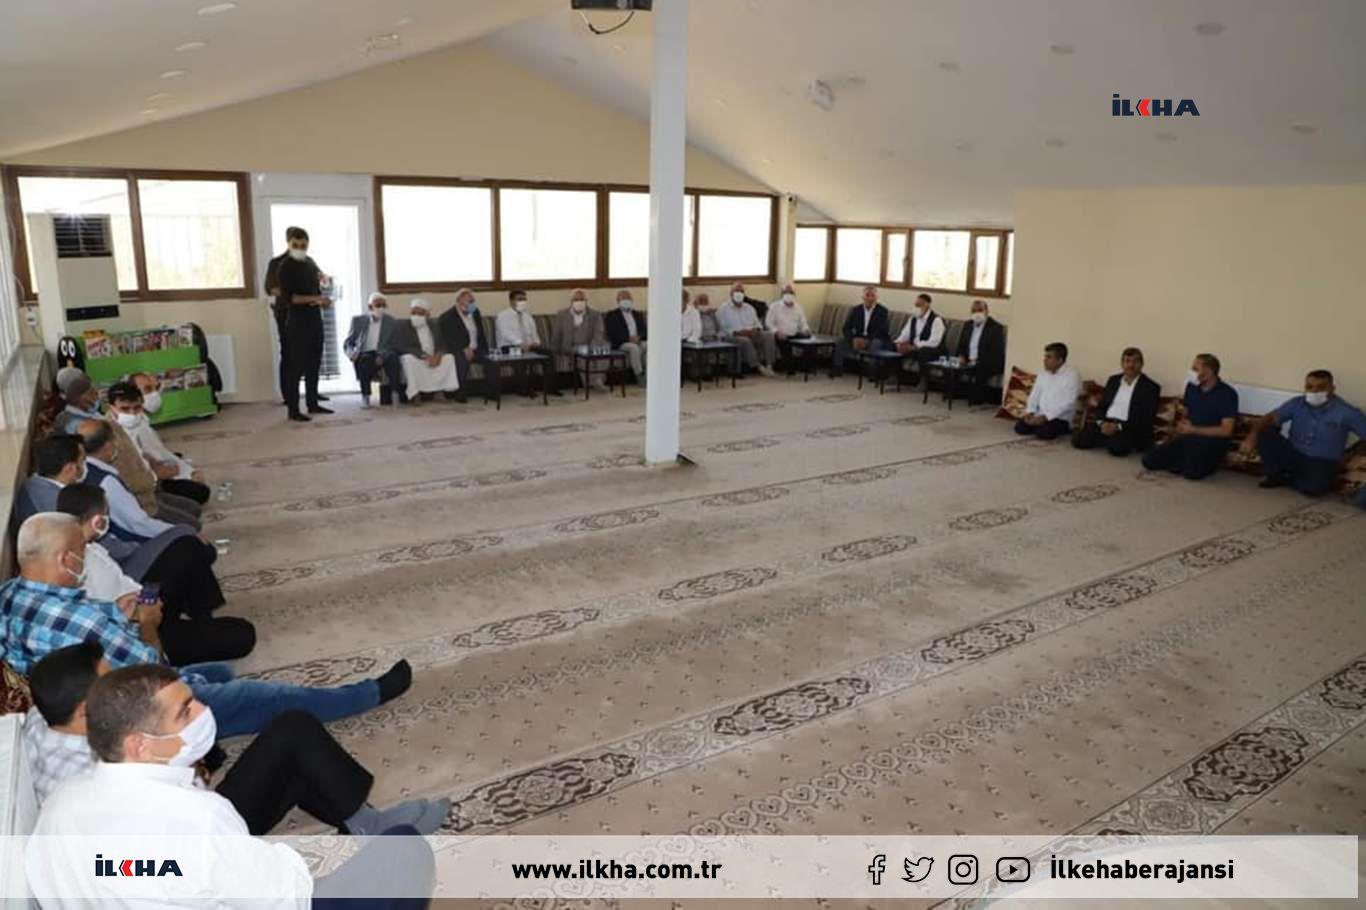 Cizre'de Hazreti Peygamberimiz ve Vefa Toplumu konulu program düzenlendi